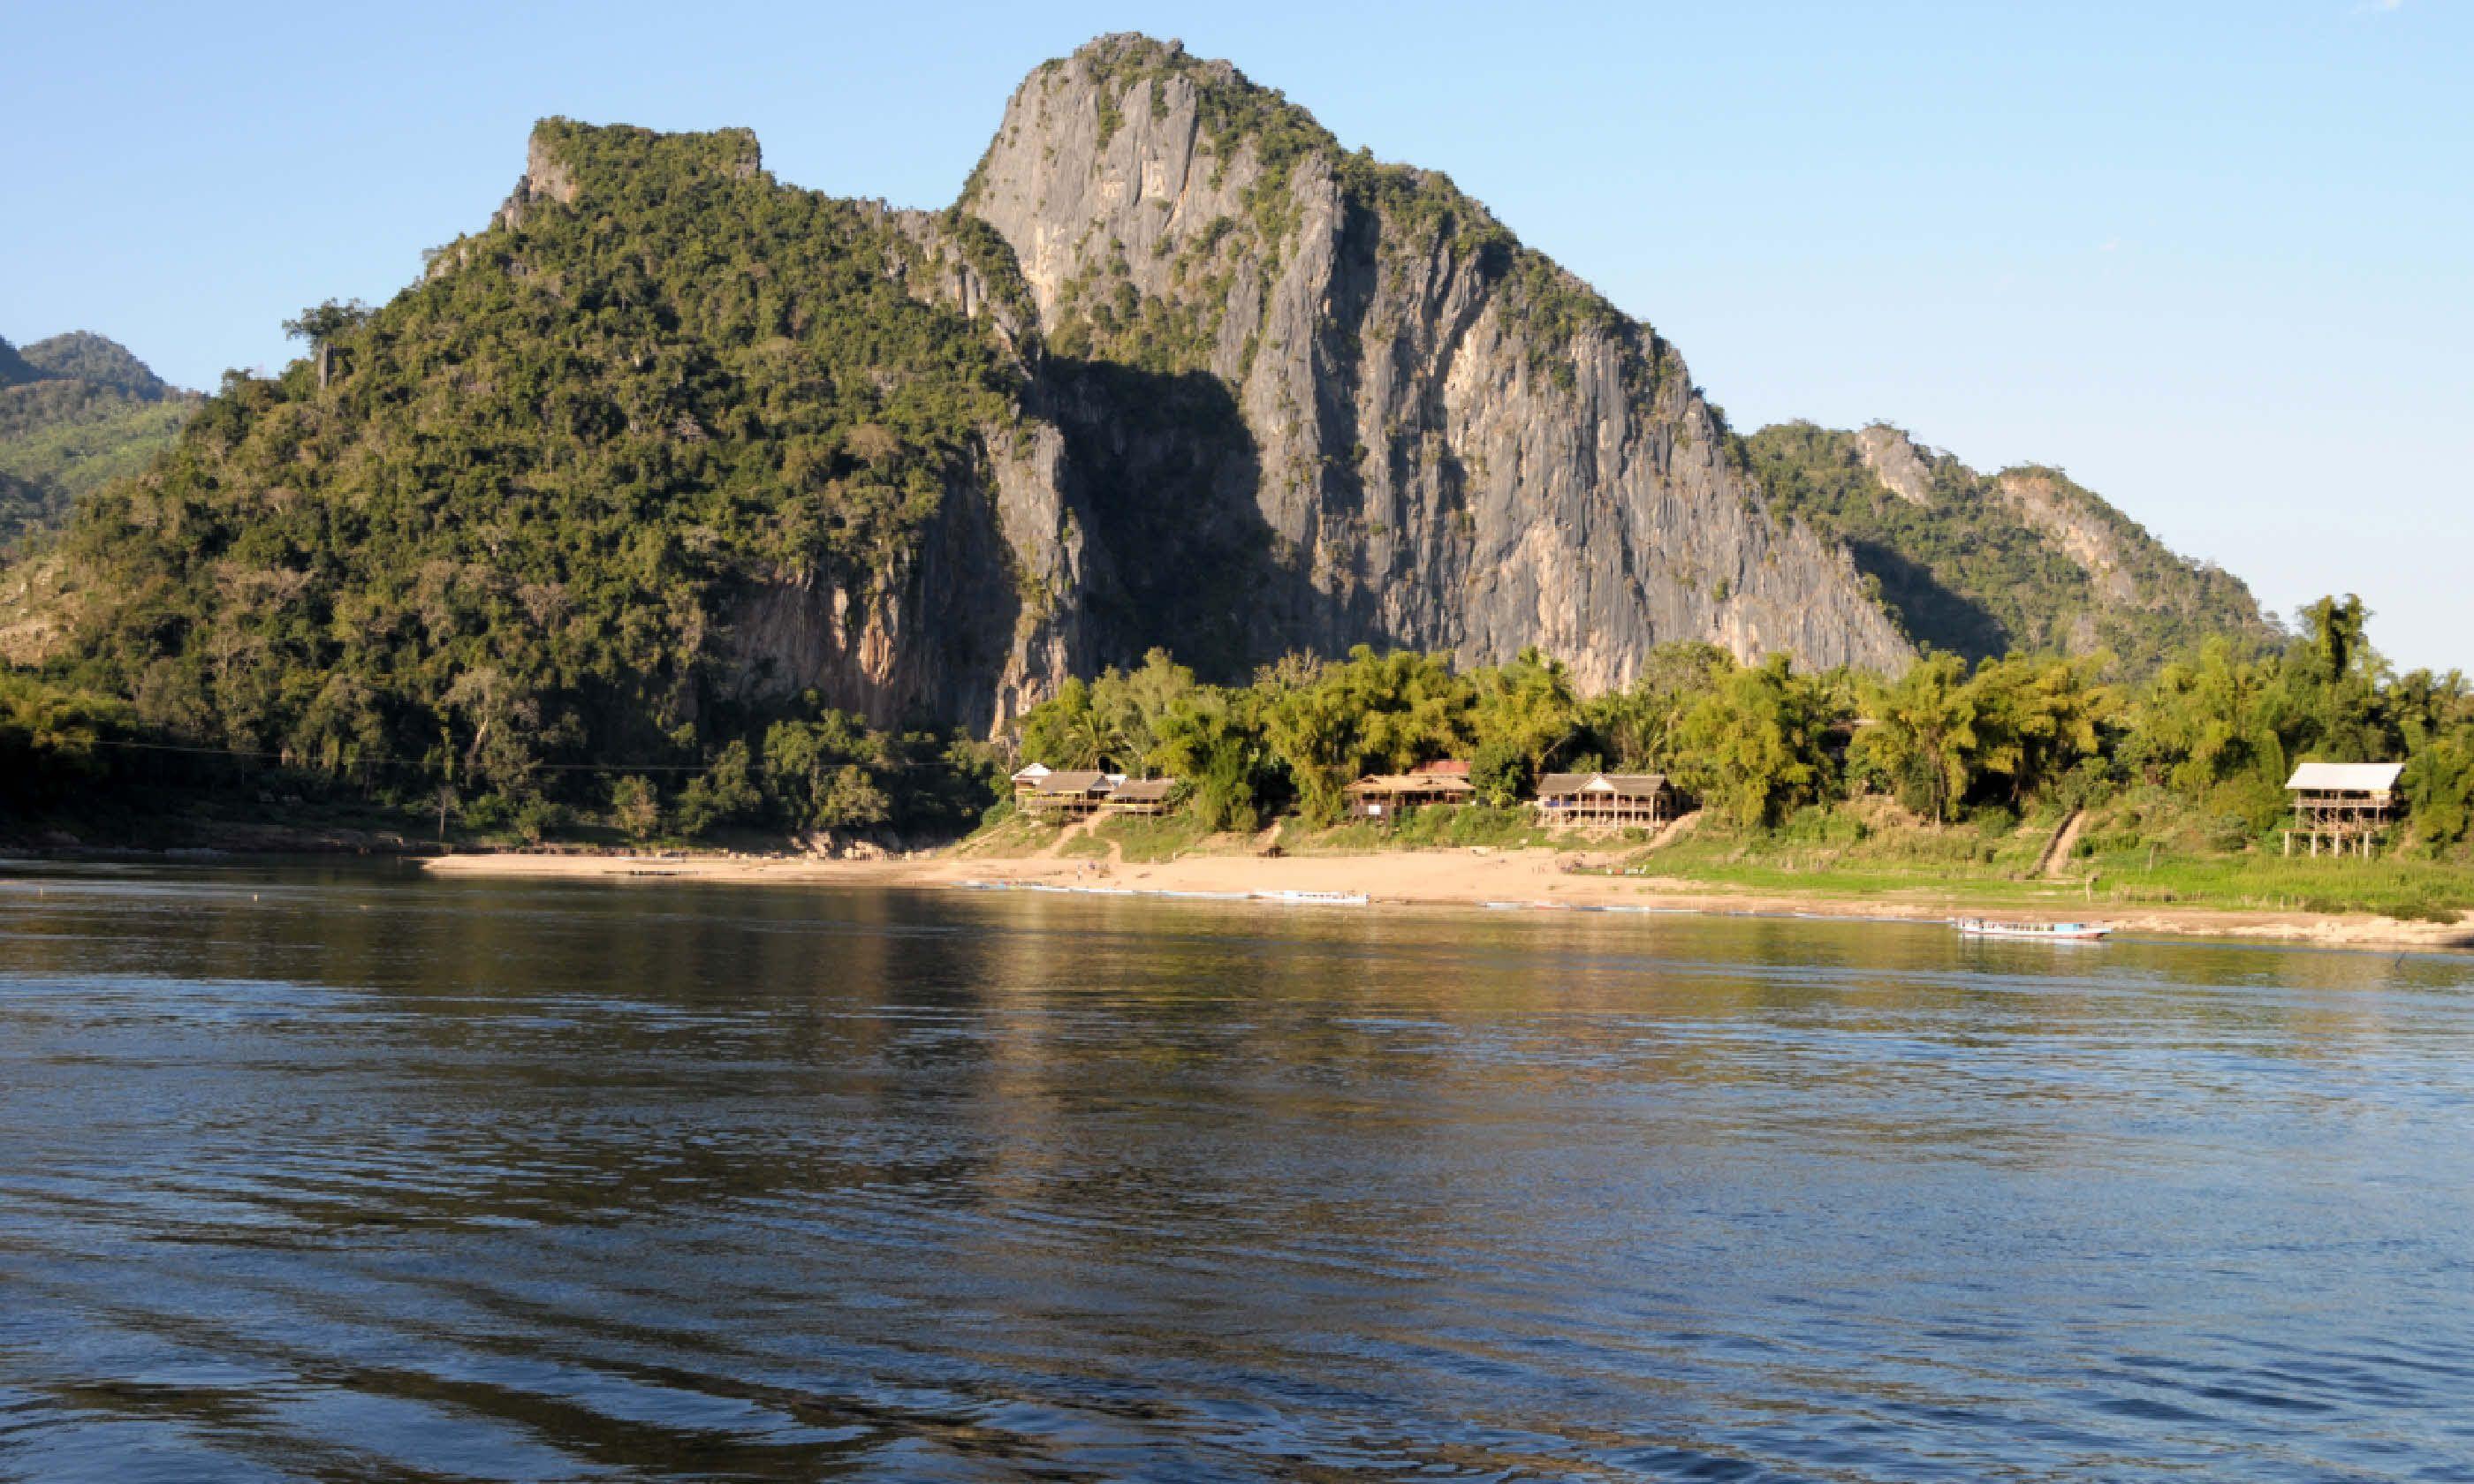 Mekong River, Laos (Shutterstock)